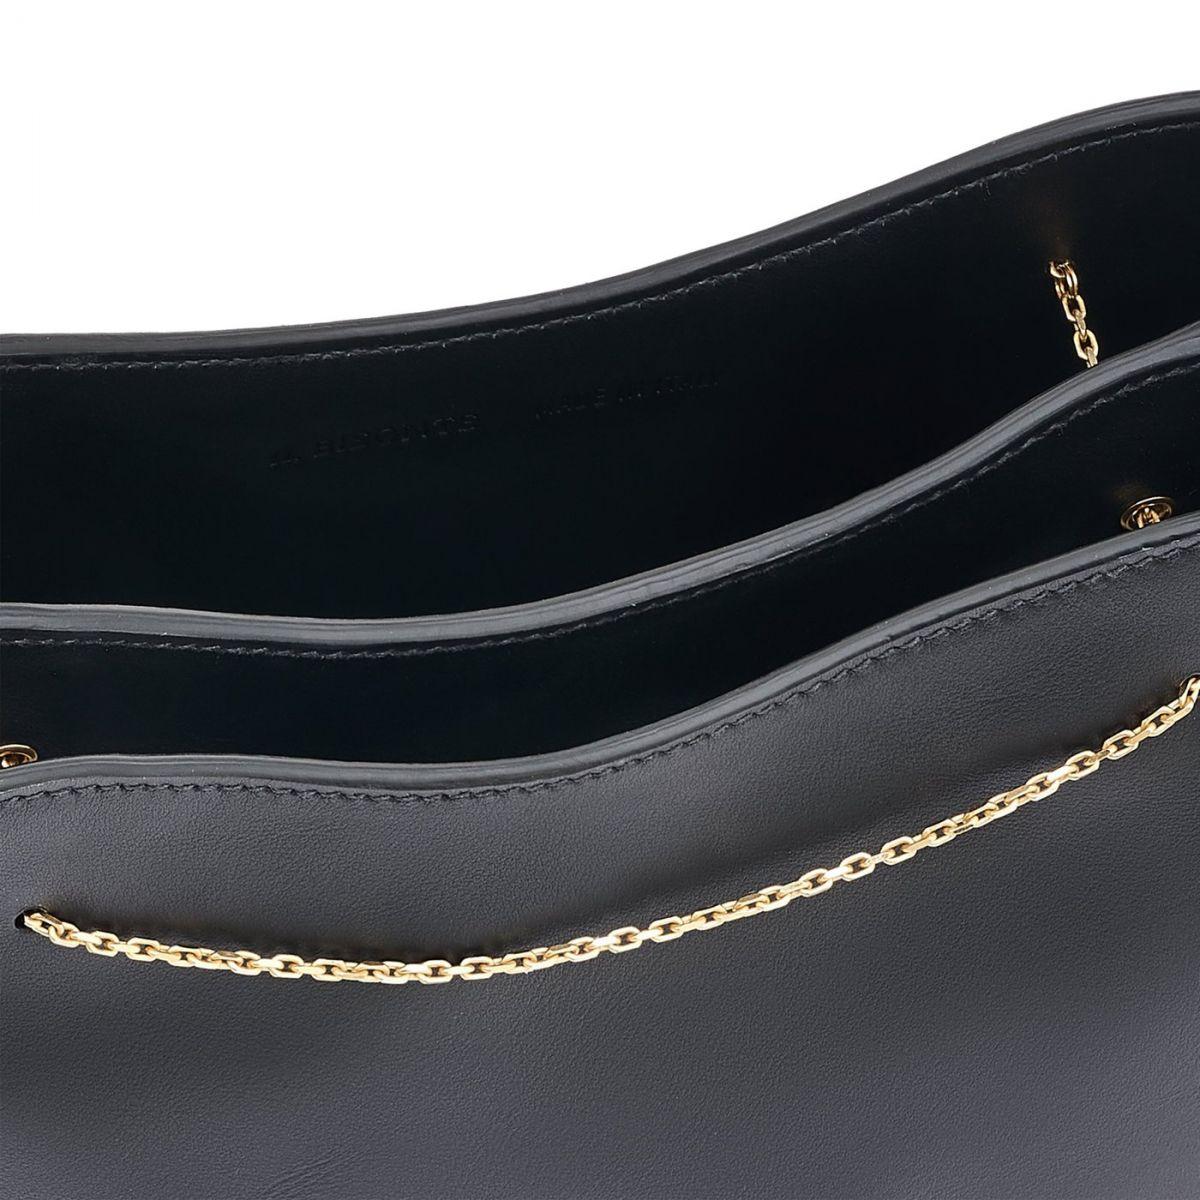 Giglio - Sac Epaule pour Femme en Cuir De Veau couleur Noir - Ligne Mediterranea BSH132 | Details